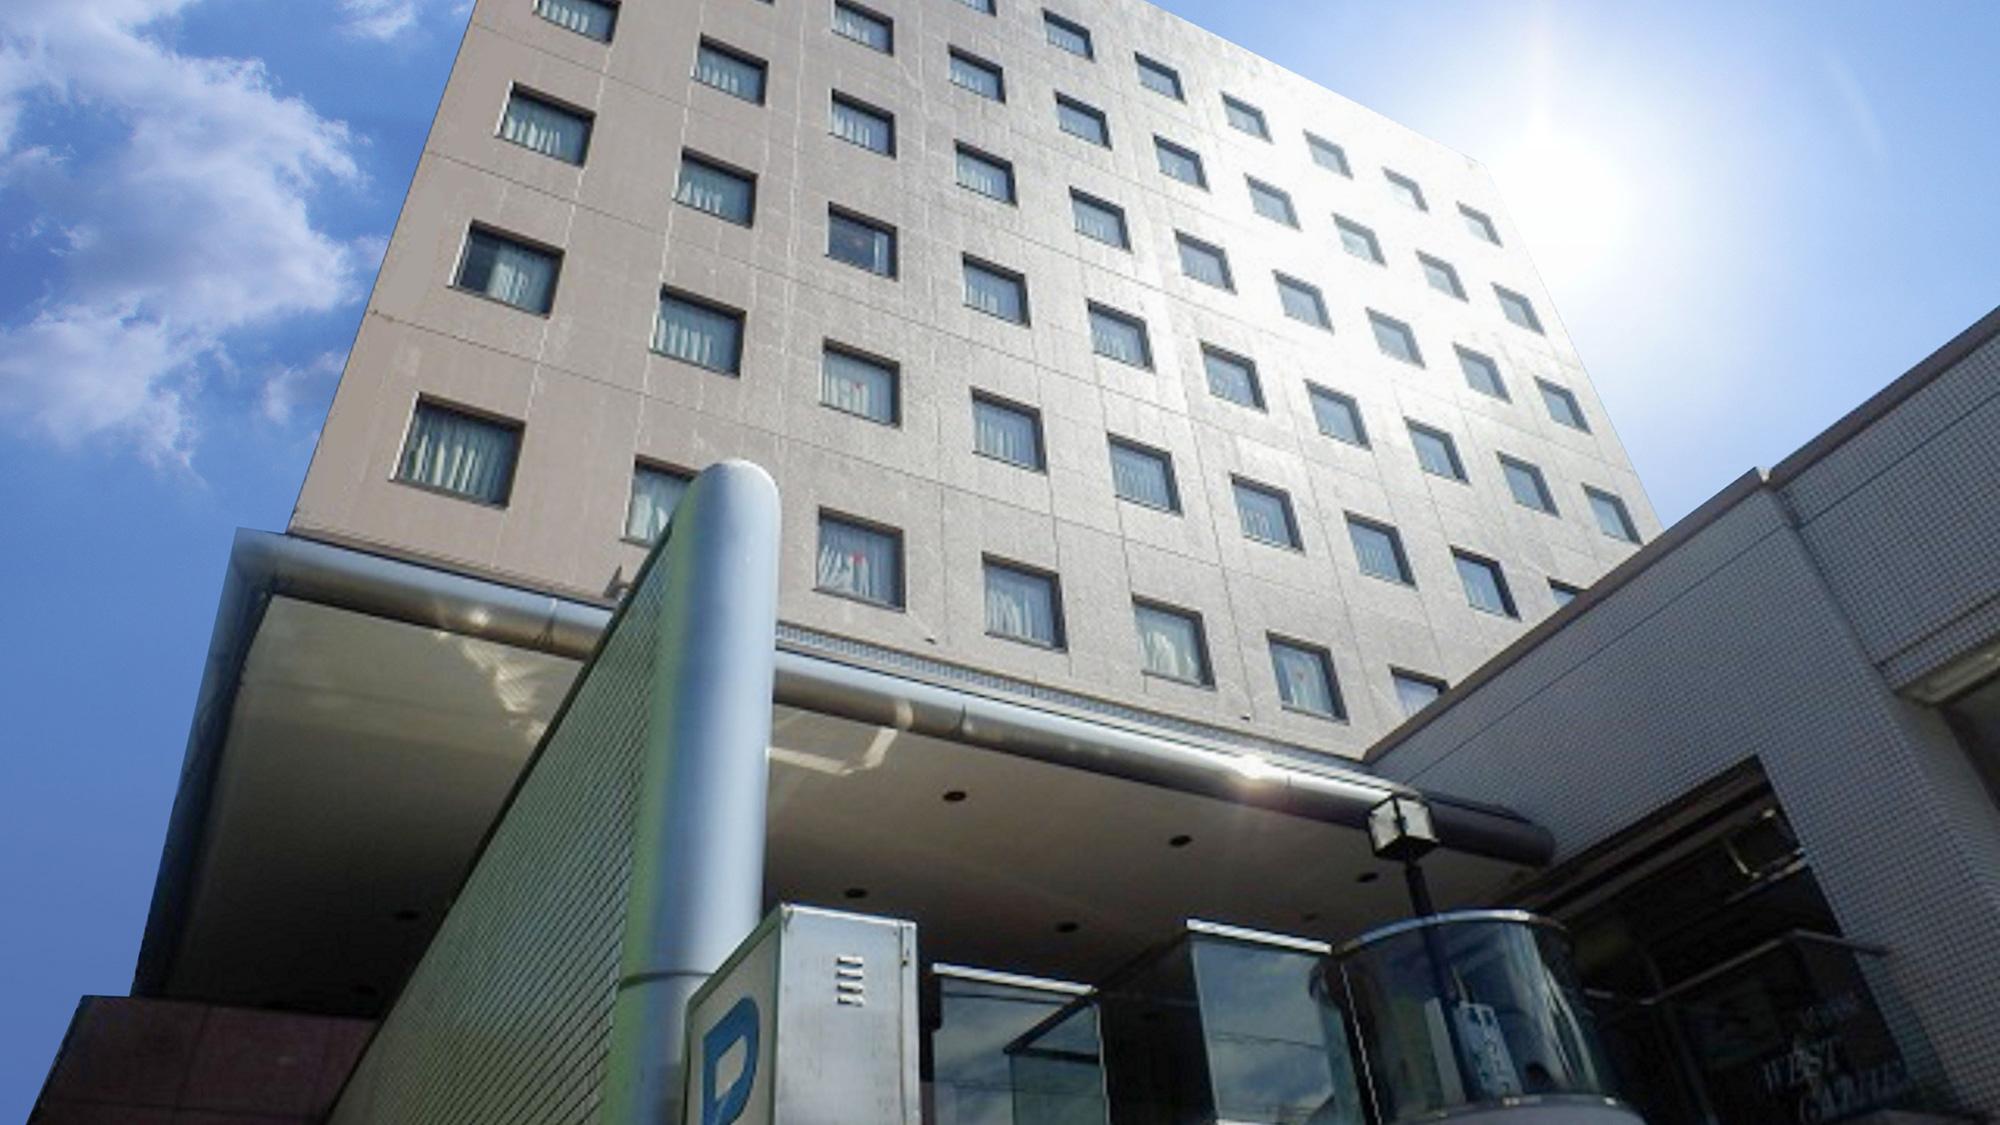 ホテルクラウンヒルズ富士宮 西富士宮駅前(BBHホテルグループ)